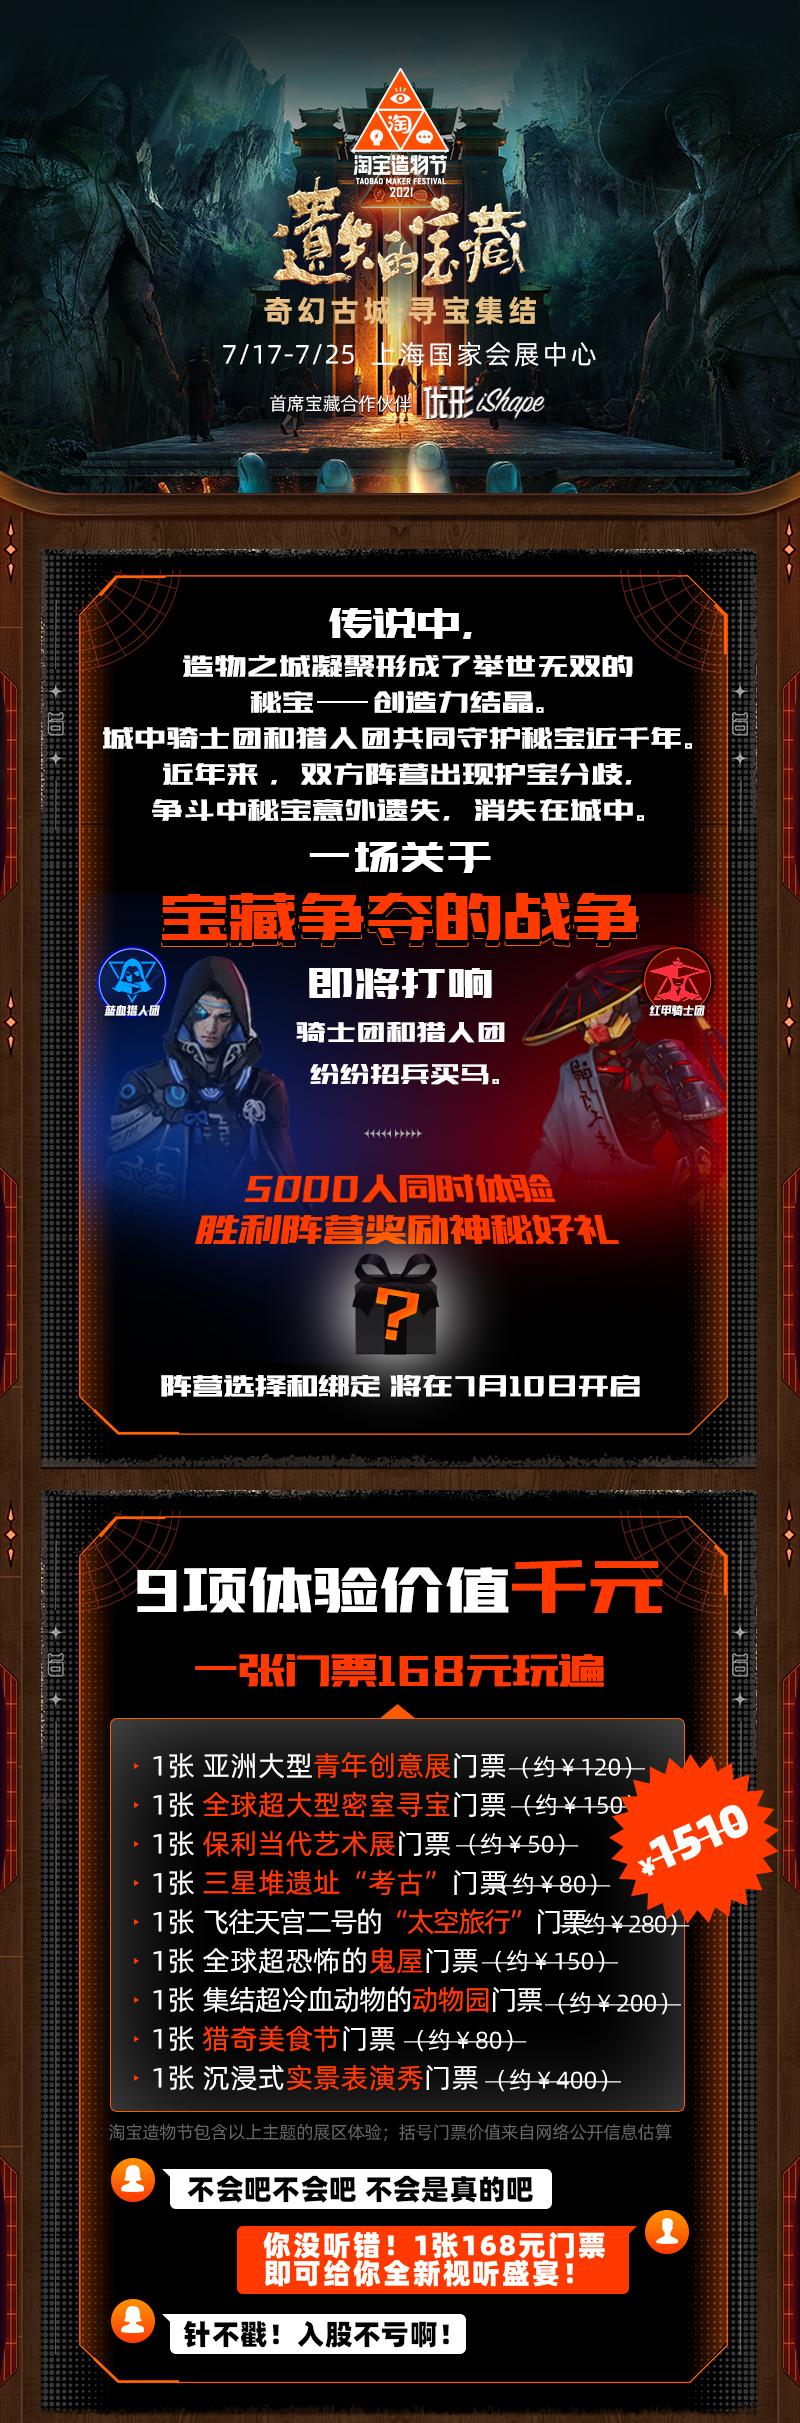 2021淘宝造物节-上海站